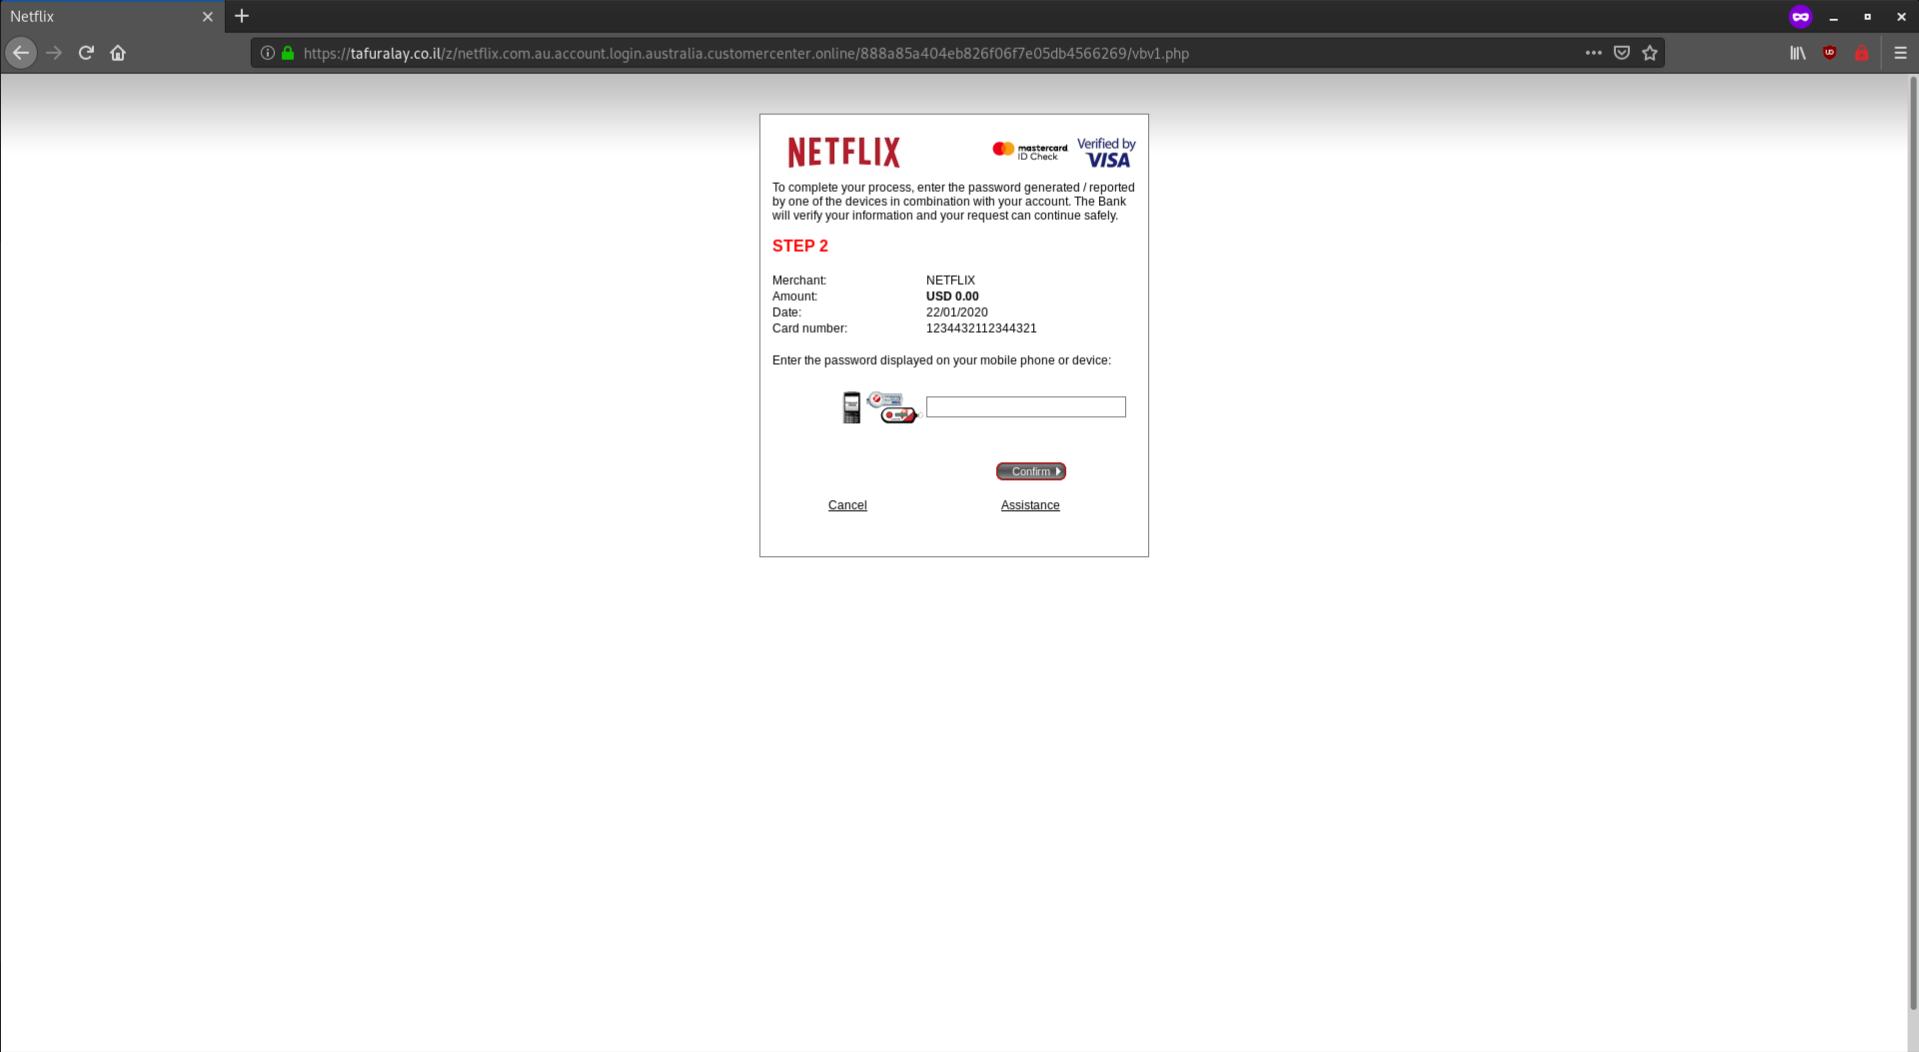 Netflix 2401_5